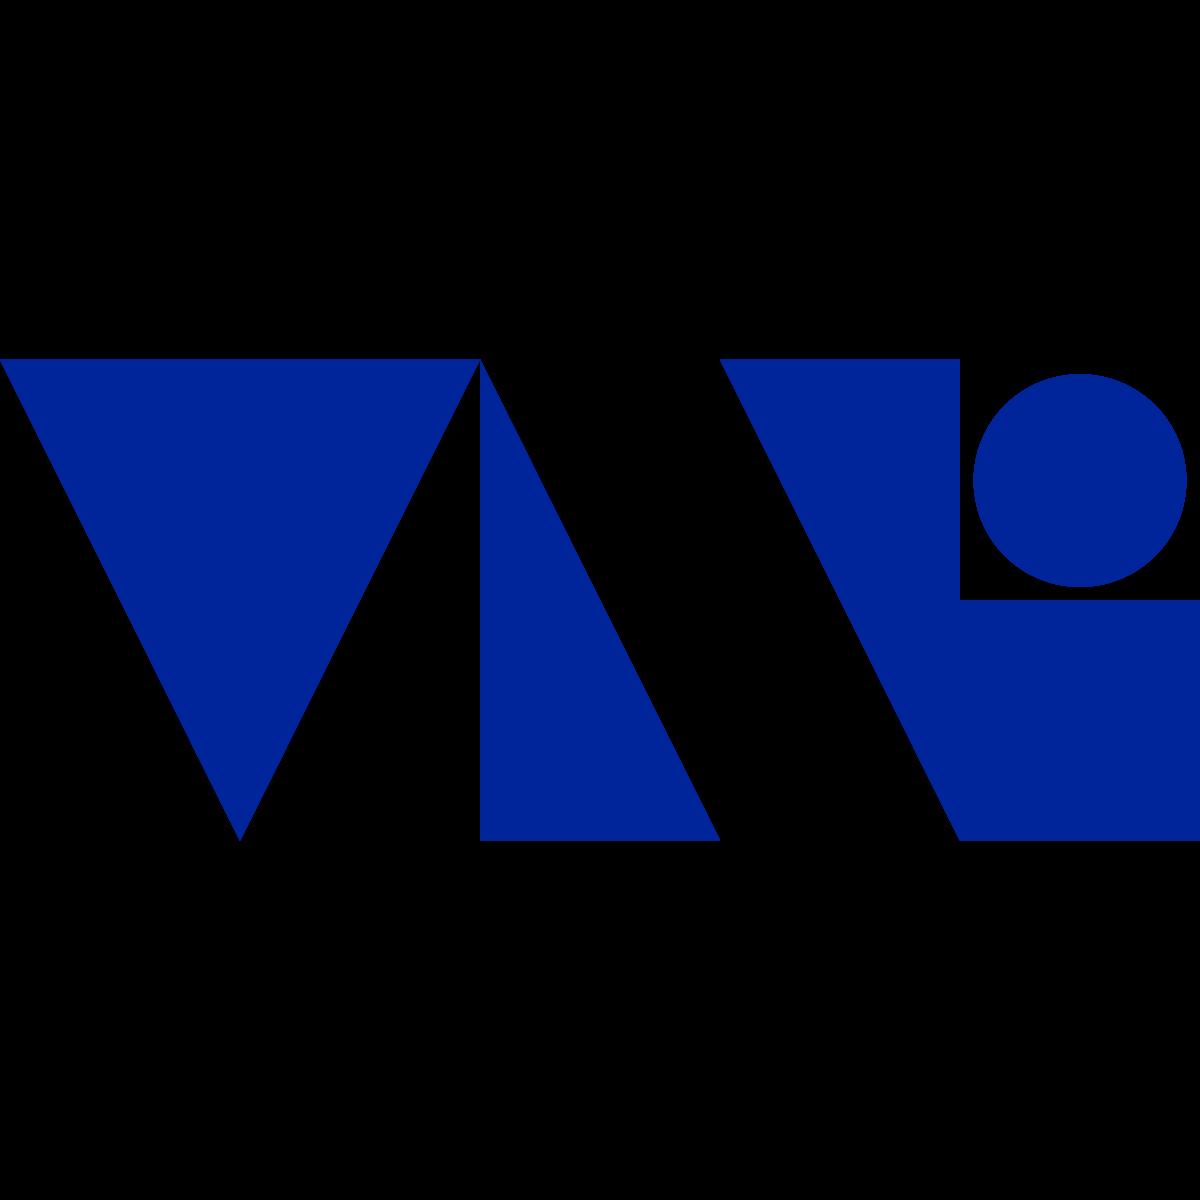 vni-01